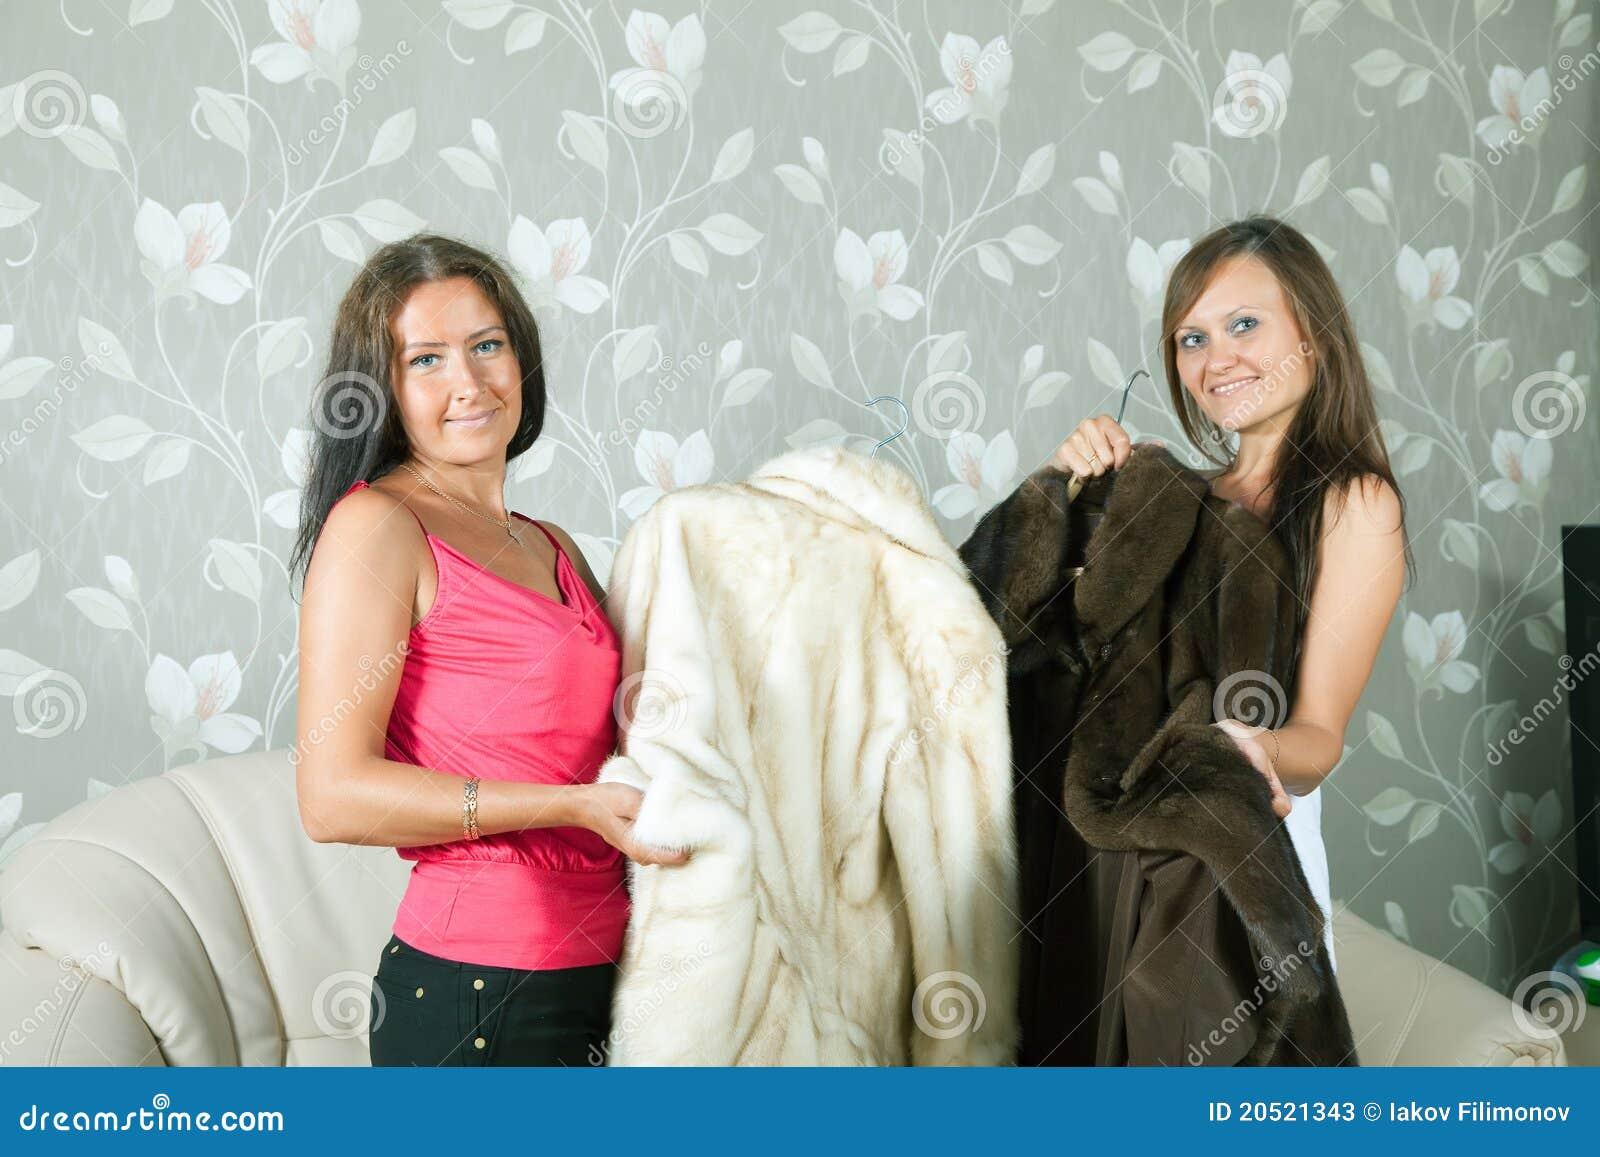 Vrouwen maken foto039s van pik op chatrolette